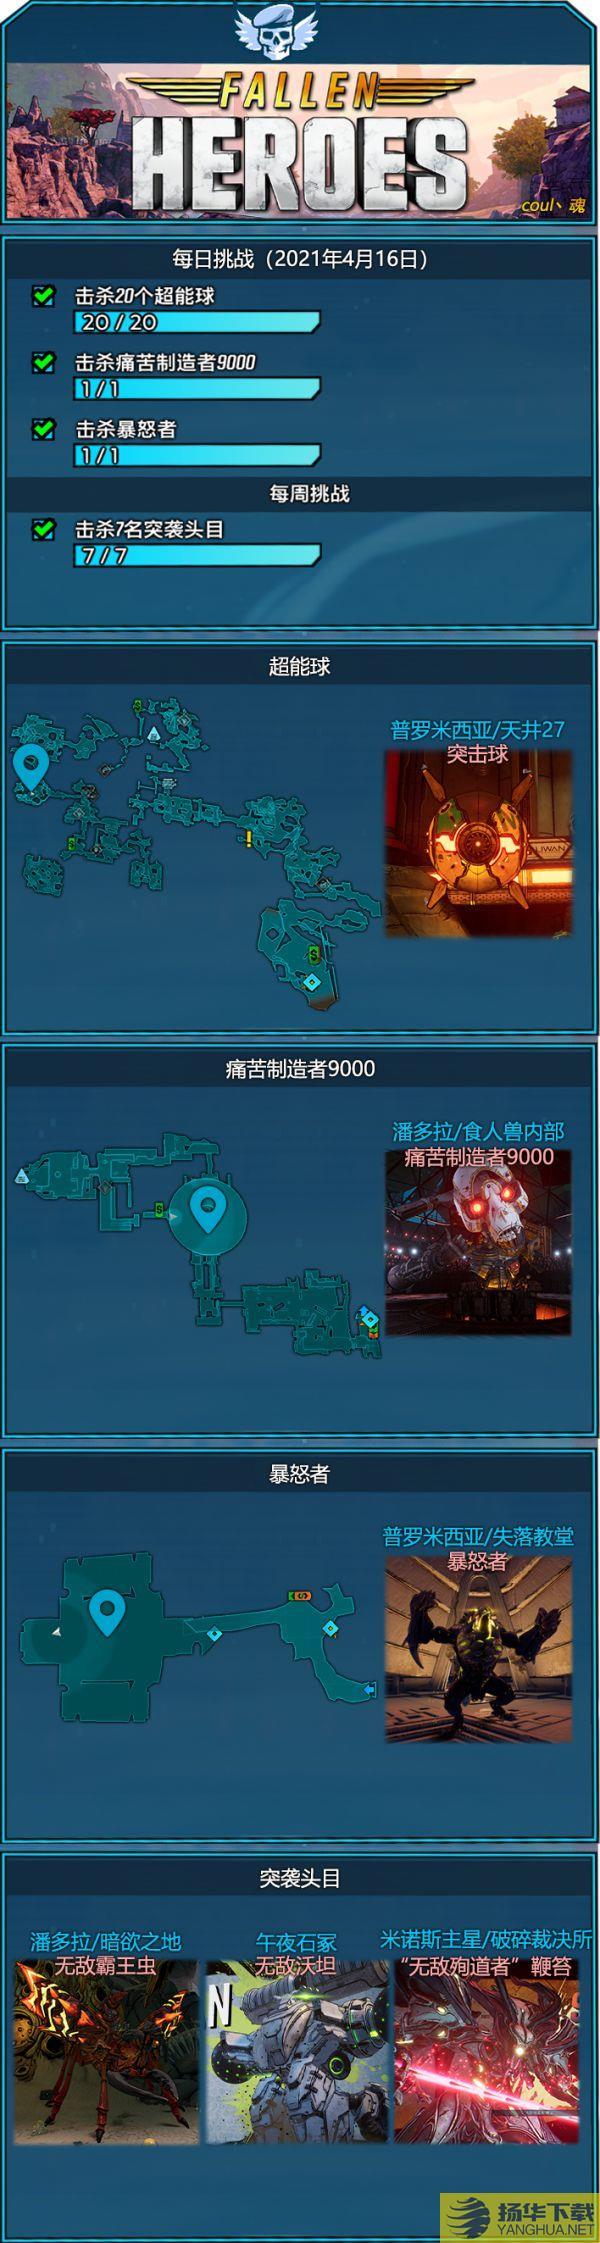 《无主之地3》4月16日秘藏卡片任务一览